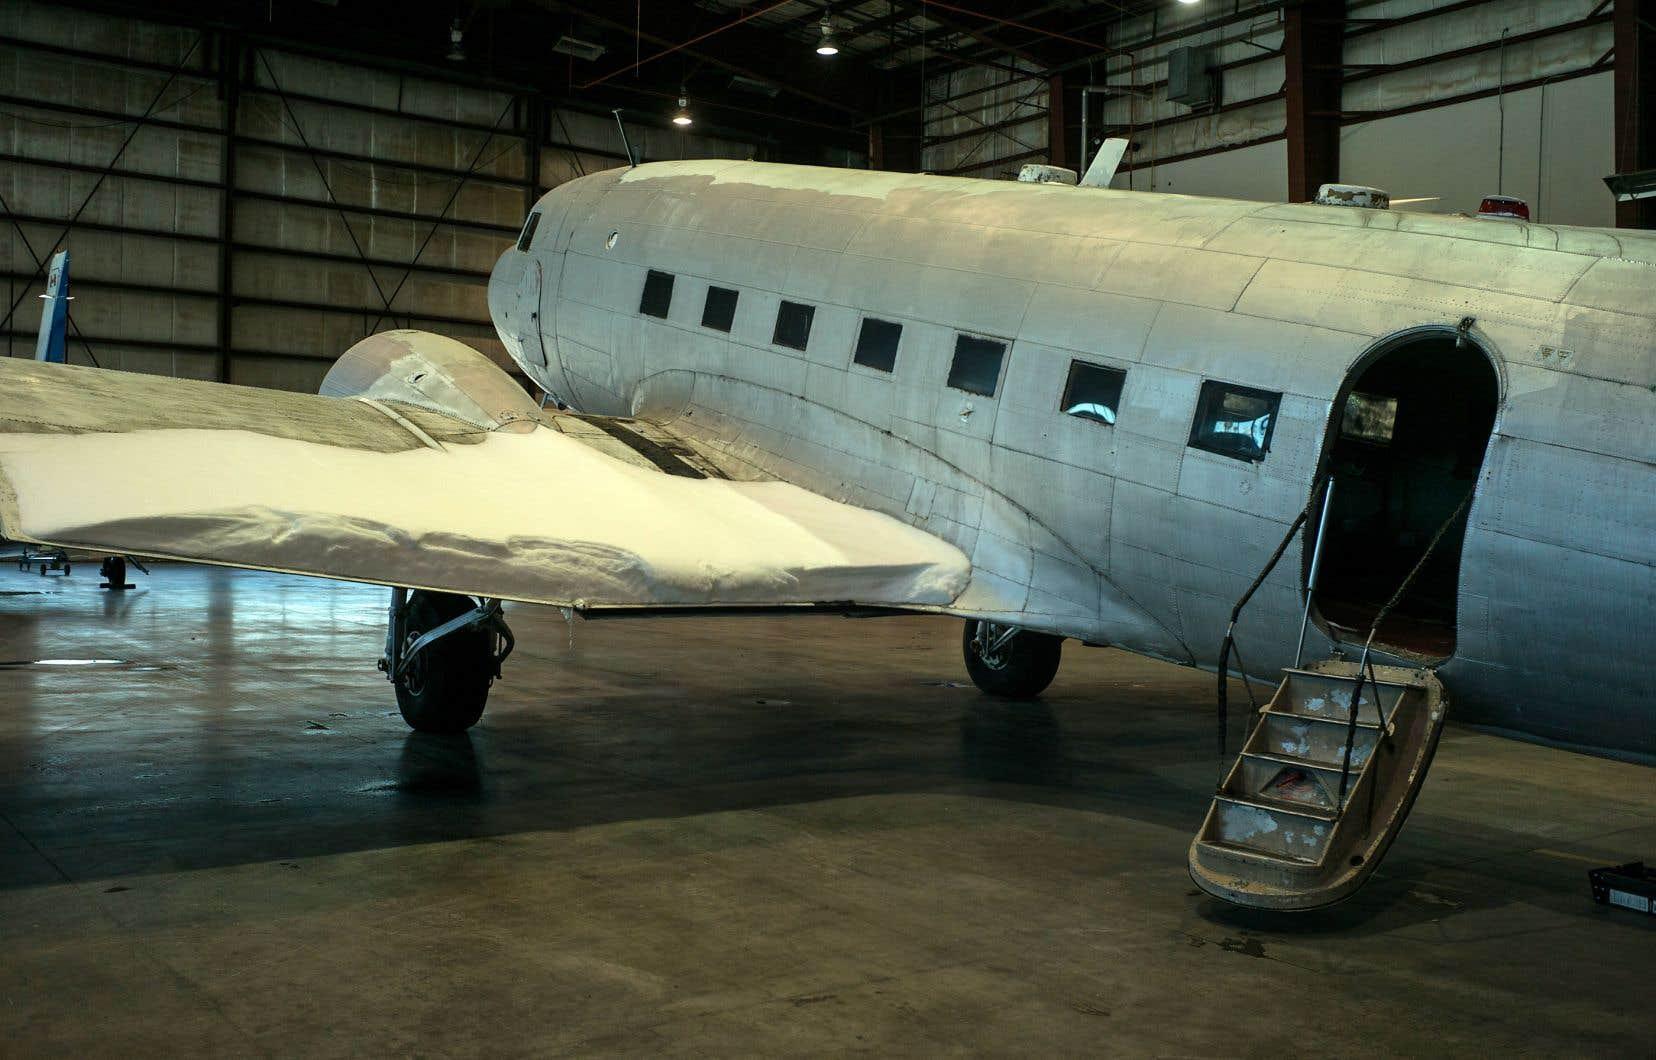 Un groupe de passionnés entend faire d'un vieil appareil Douglas DC-3 le cœur d'un futur petit musée de l'aviation près de l'aéroport de Saint-Hubert.